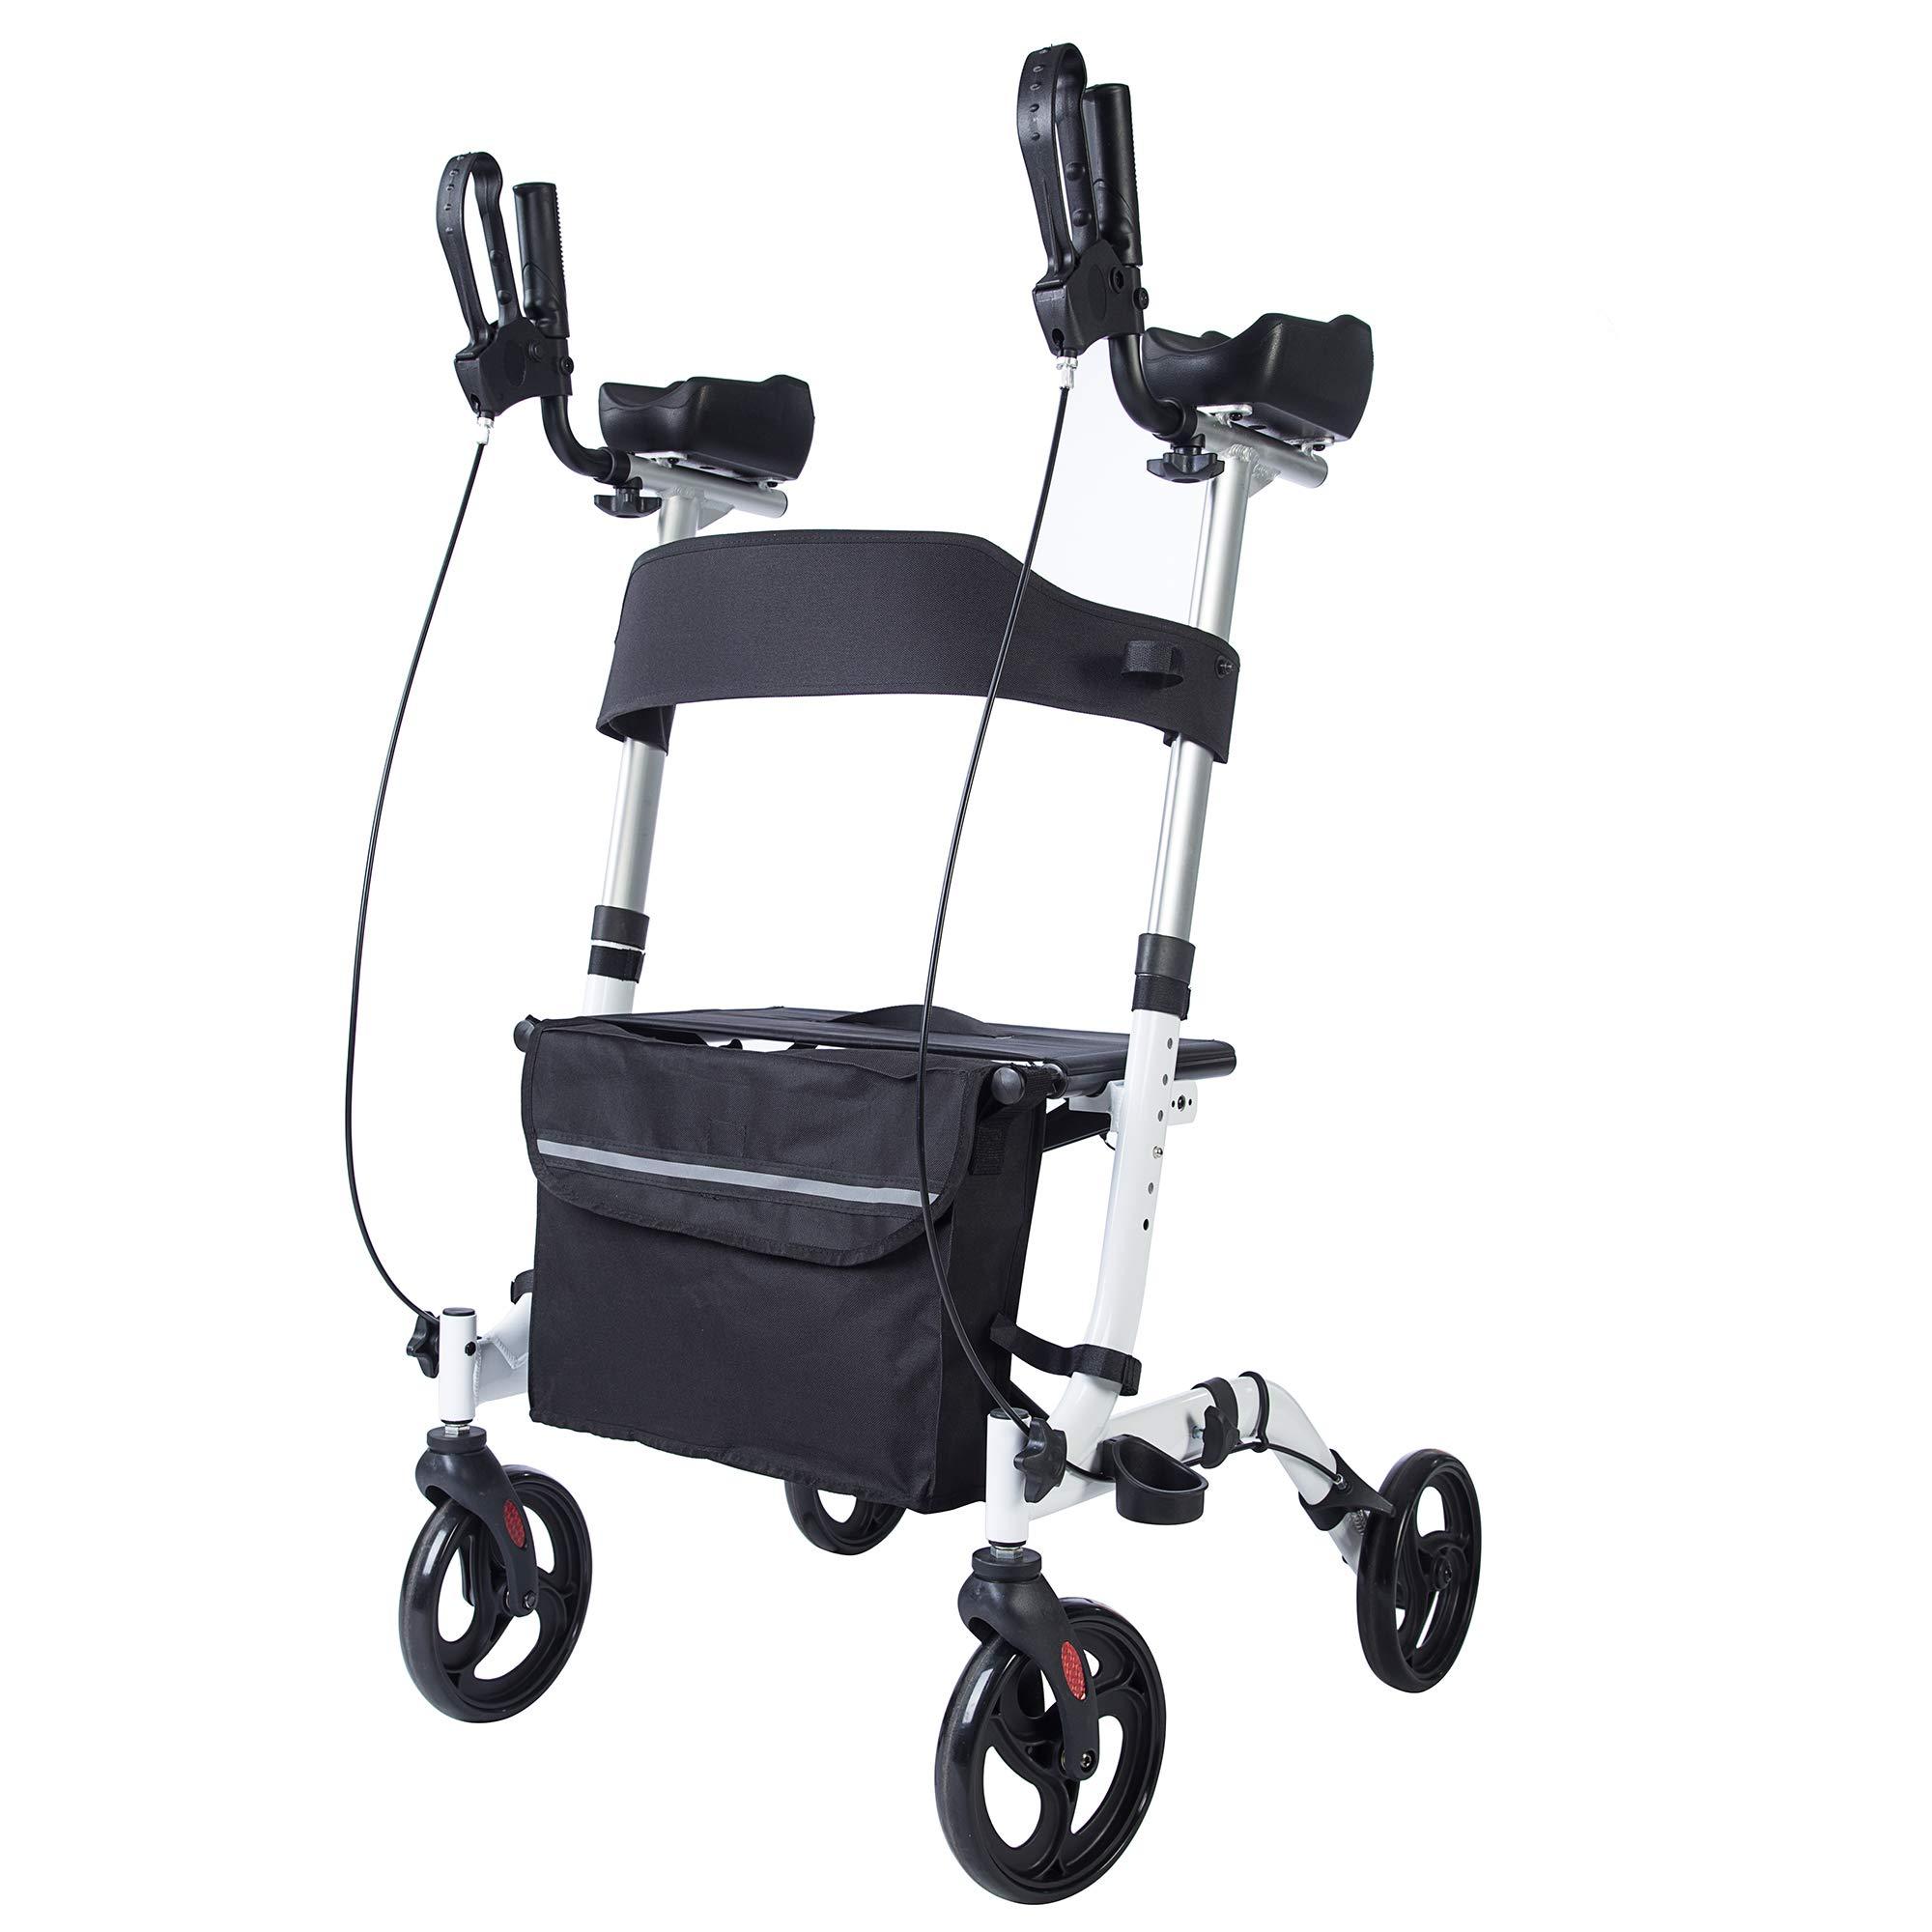 BEYOUR WALKER Upright Rollator Walking